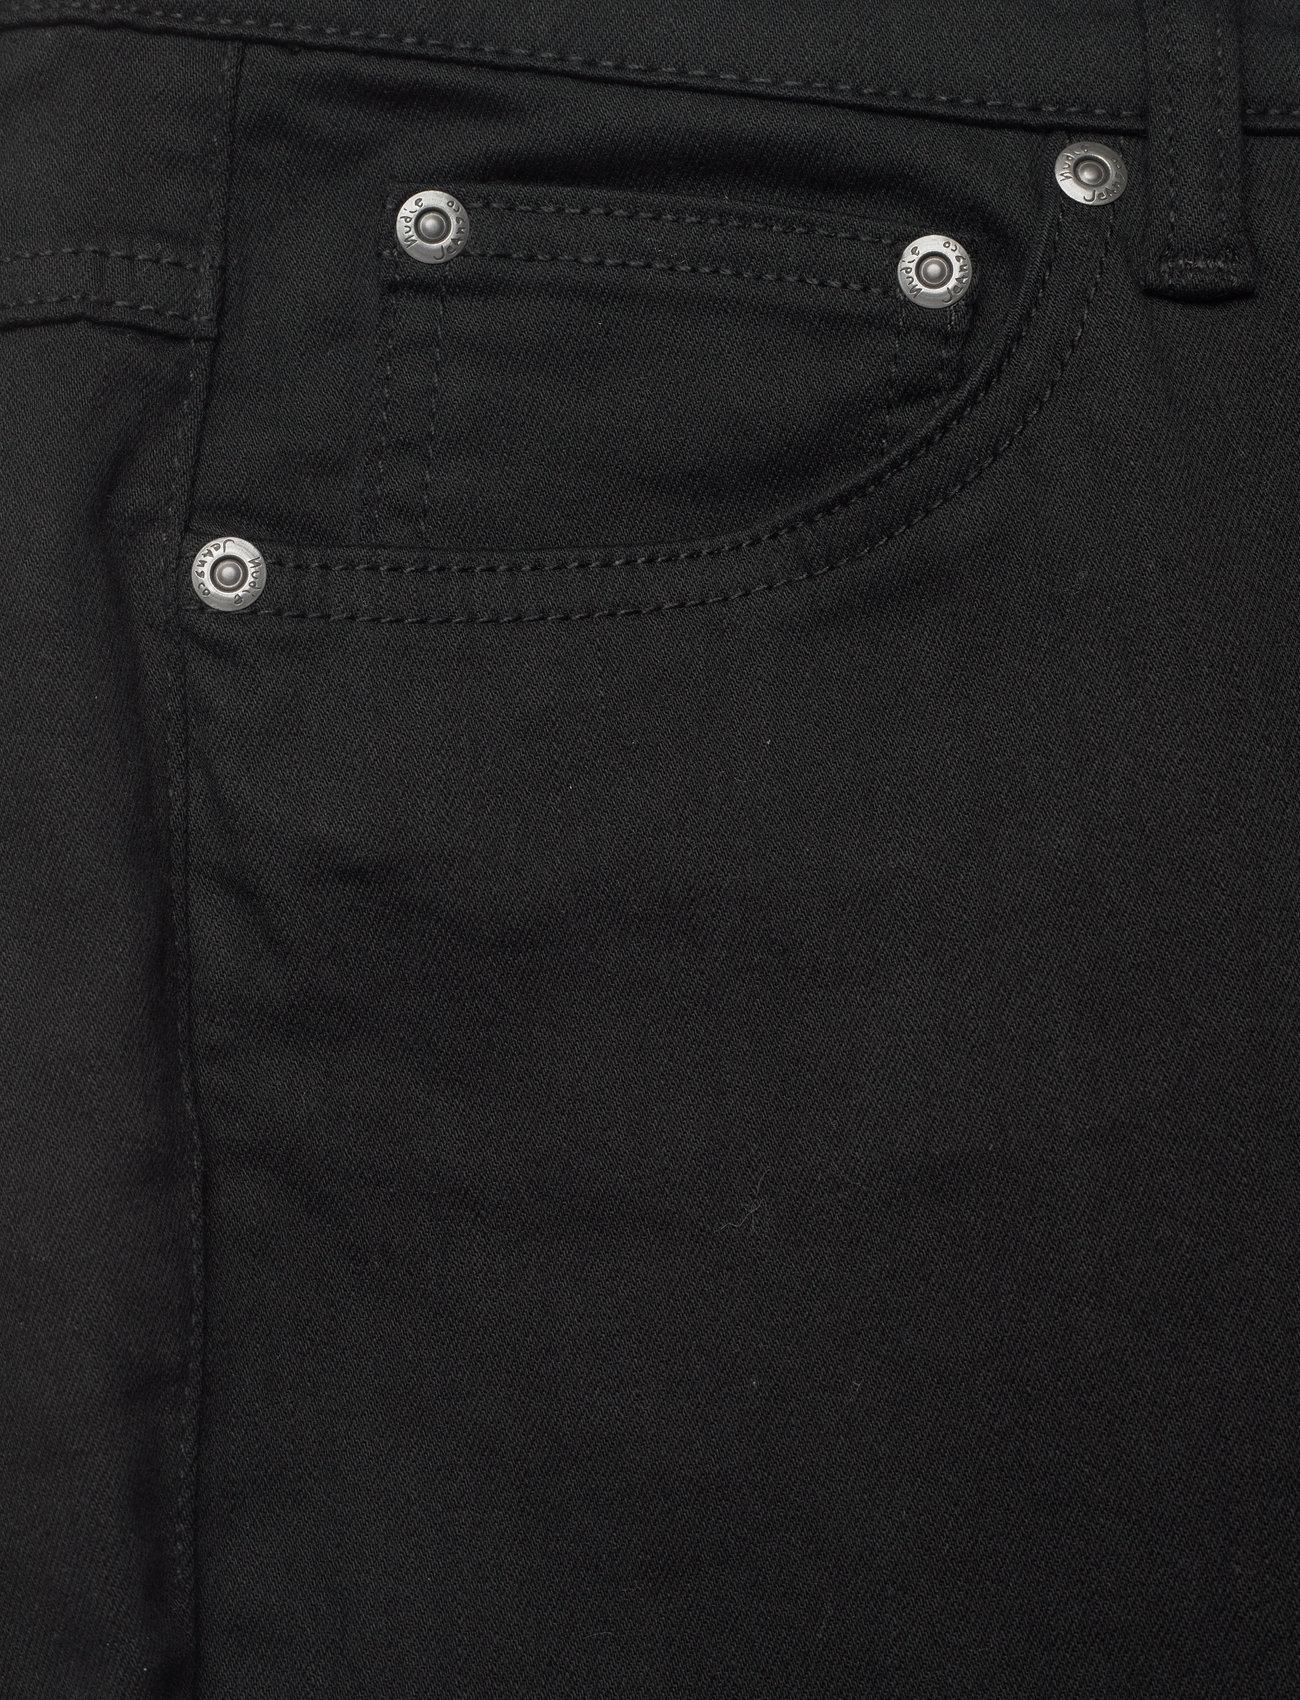 Nudie Jeans - Hightop Tilde - skinny jeans - everblack - 2